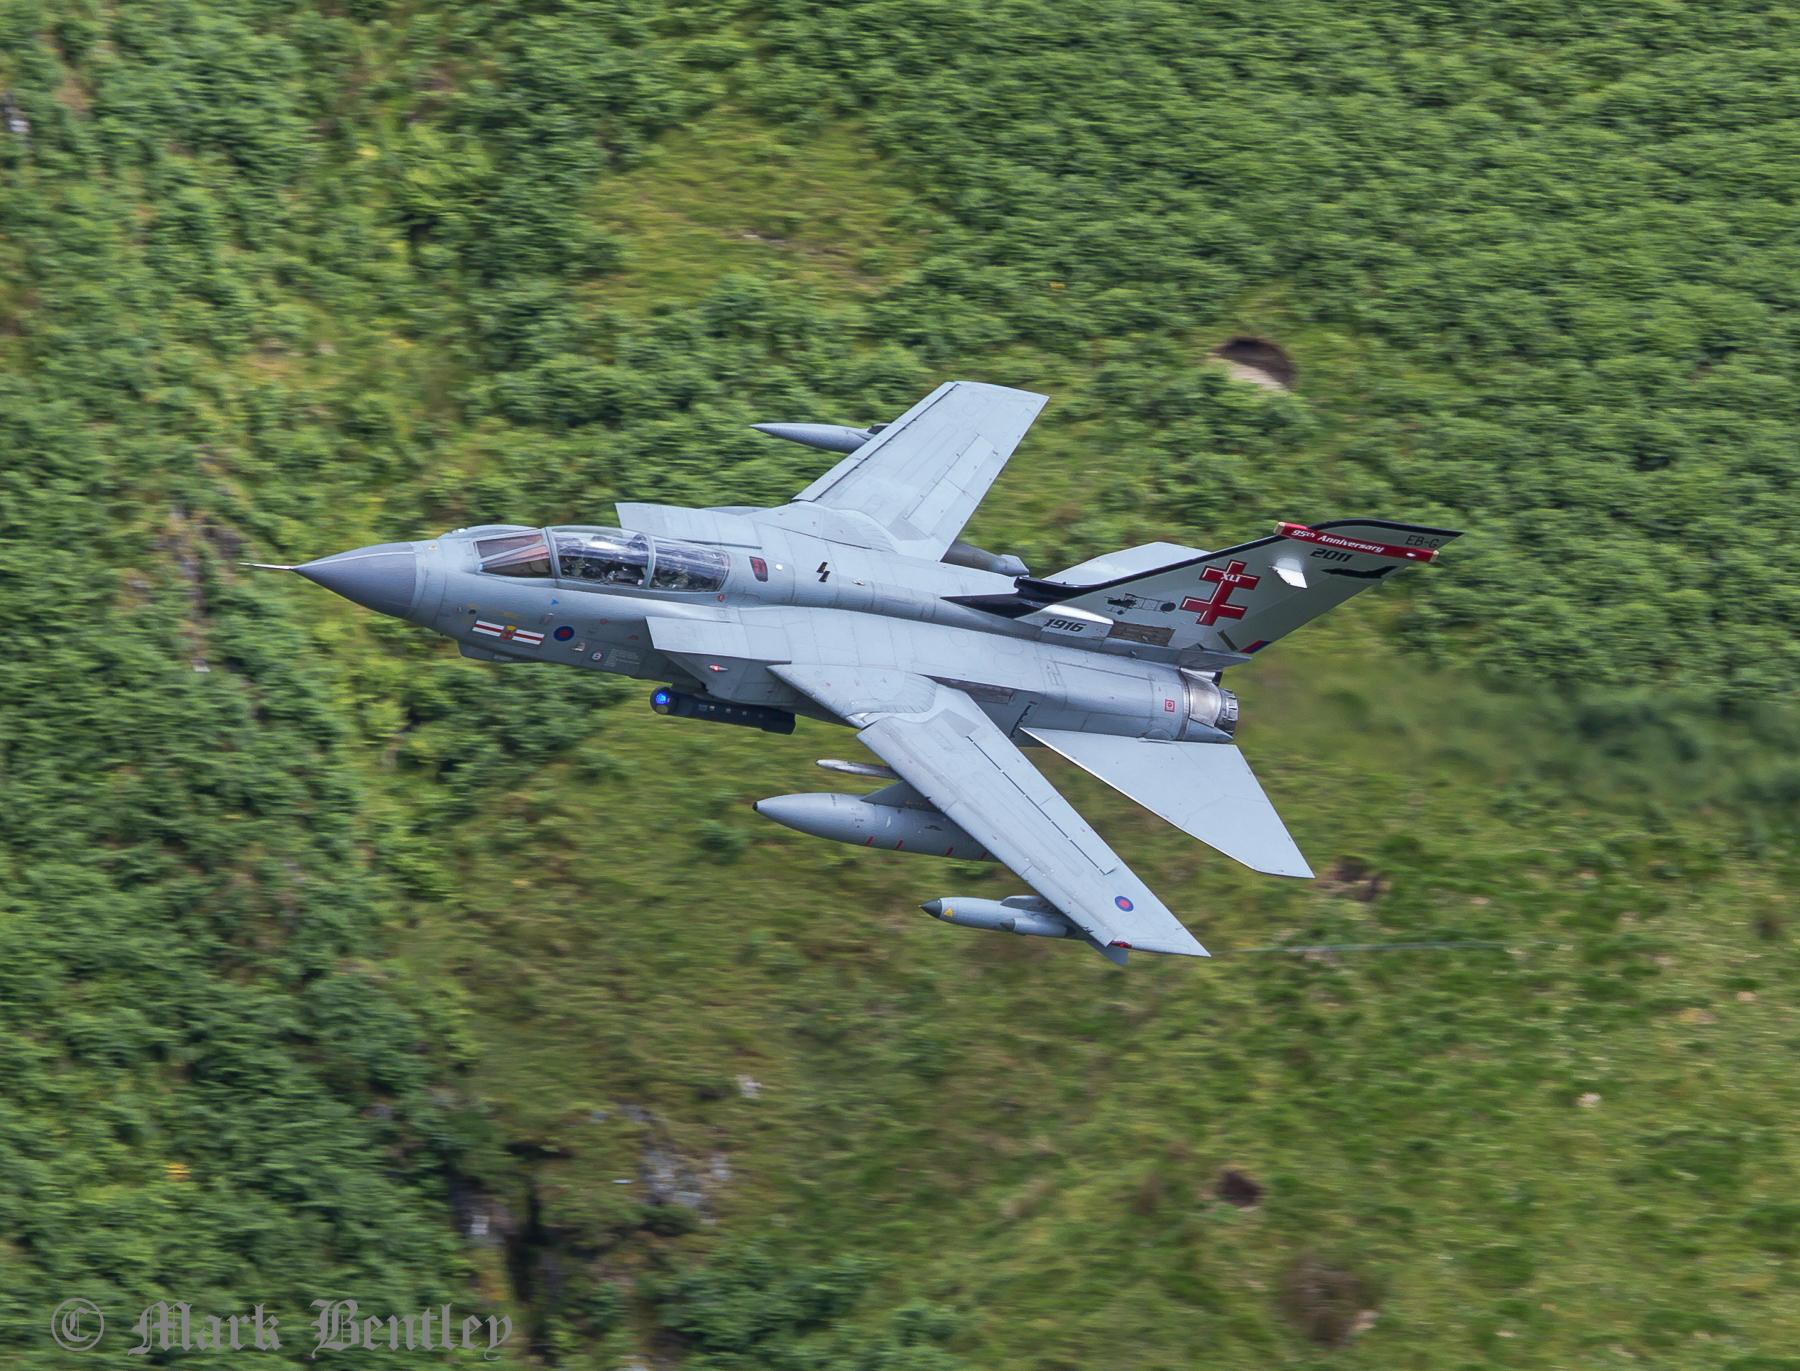 026 RAF Tornado